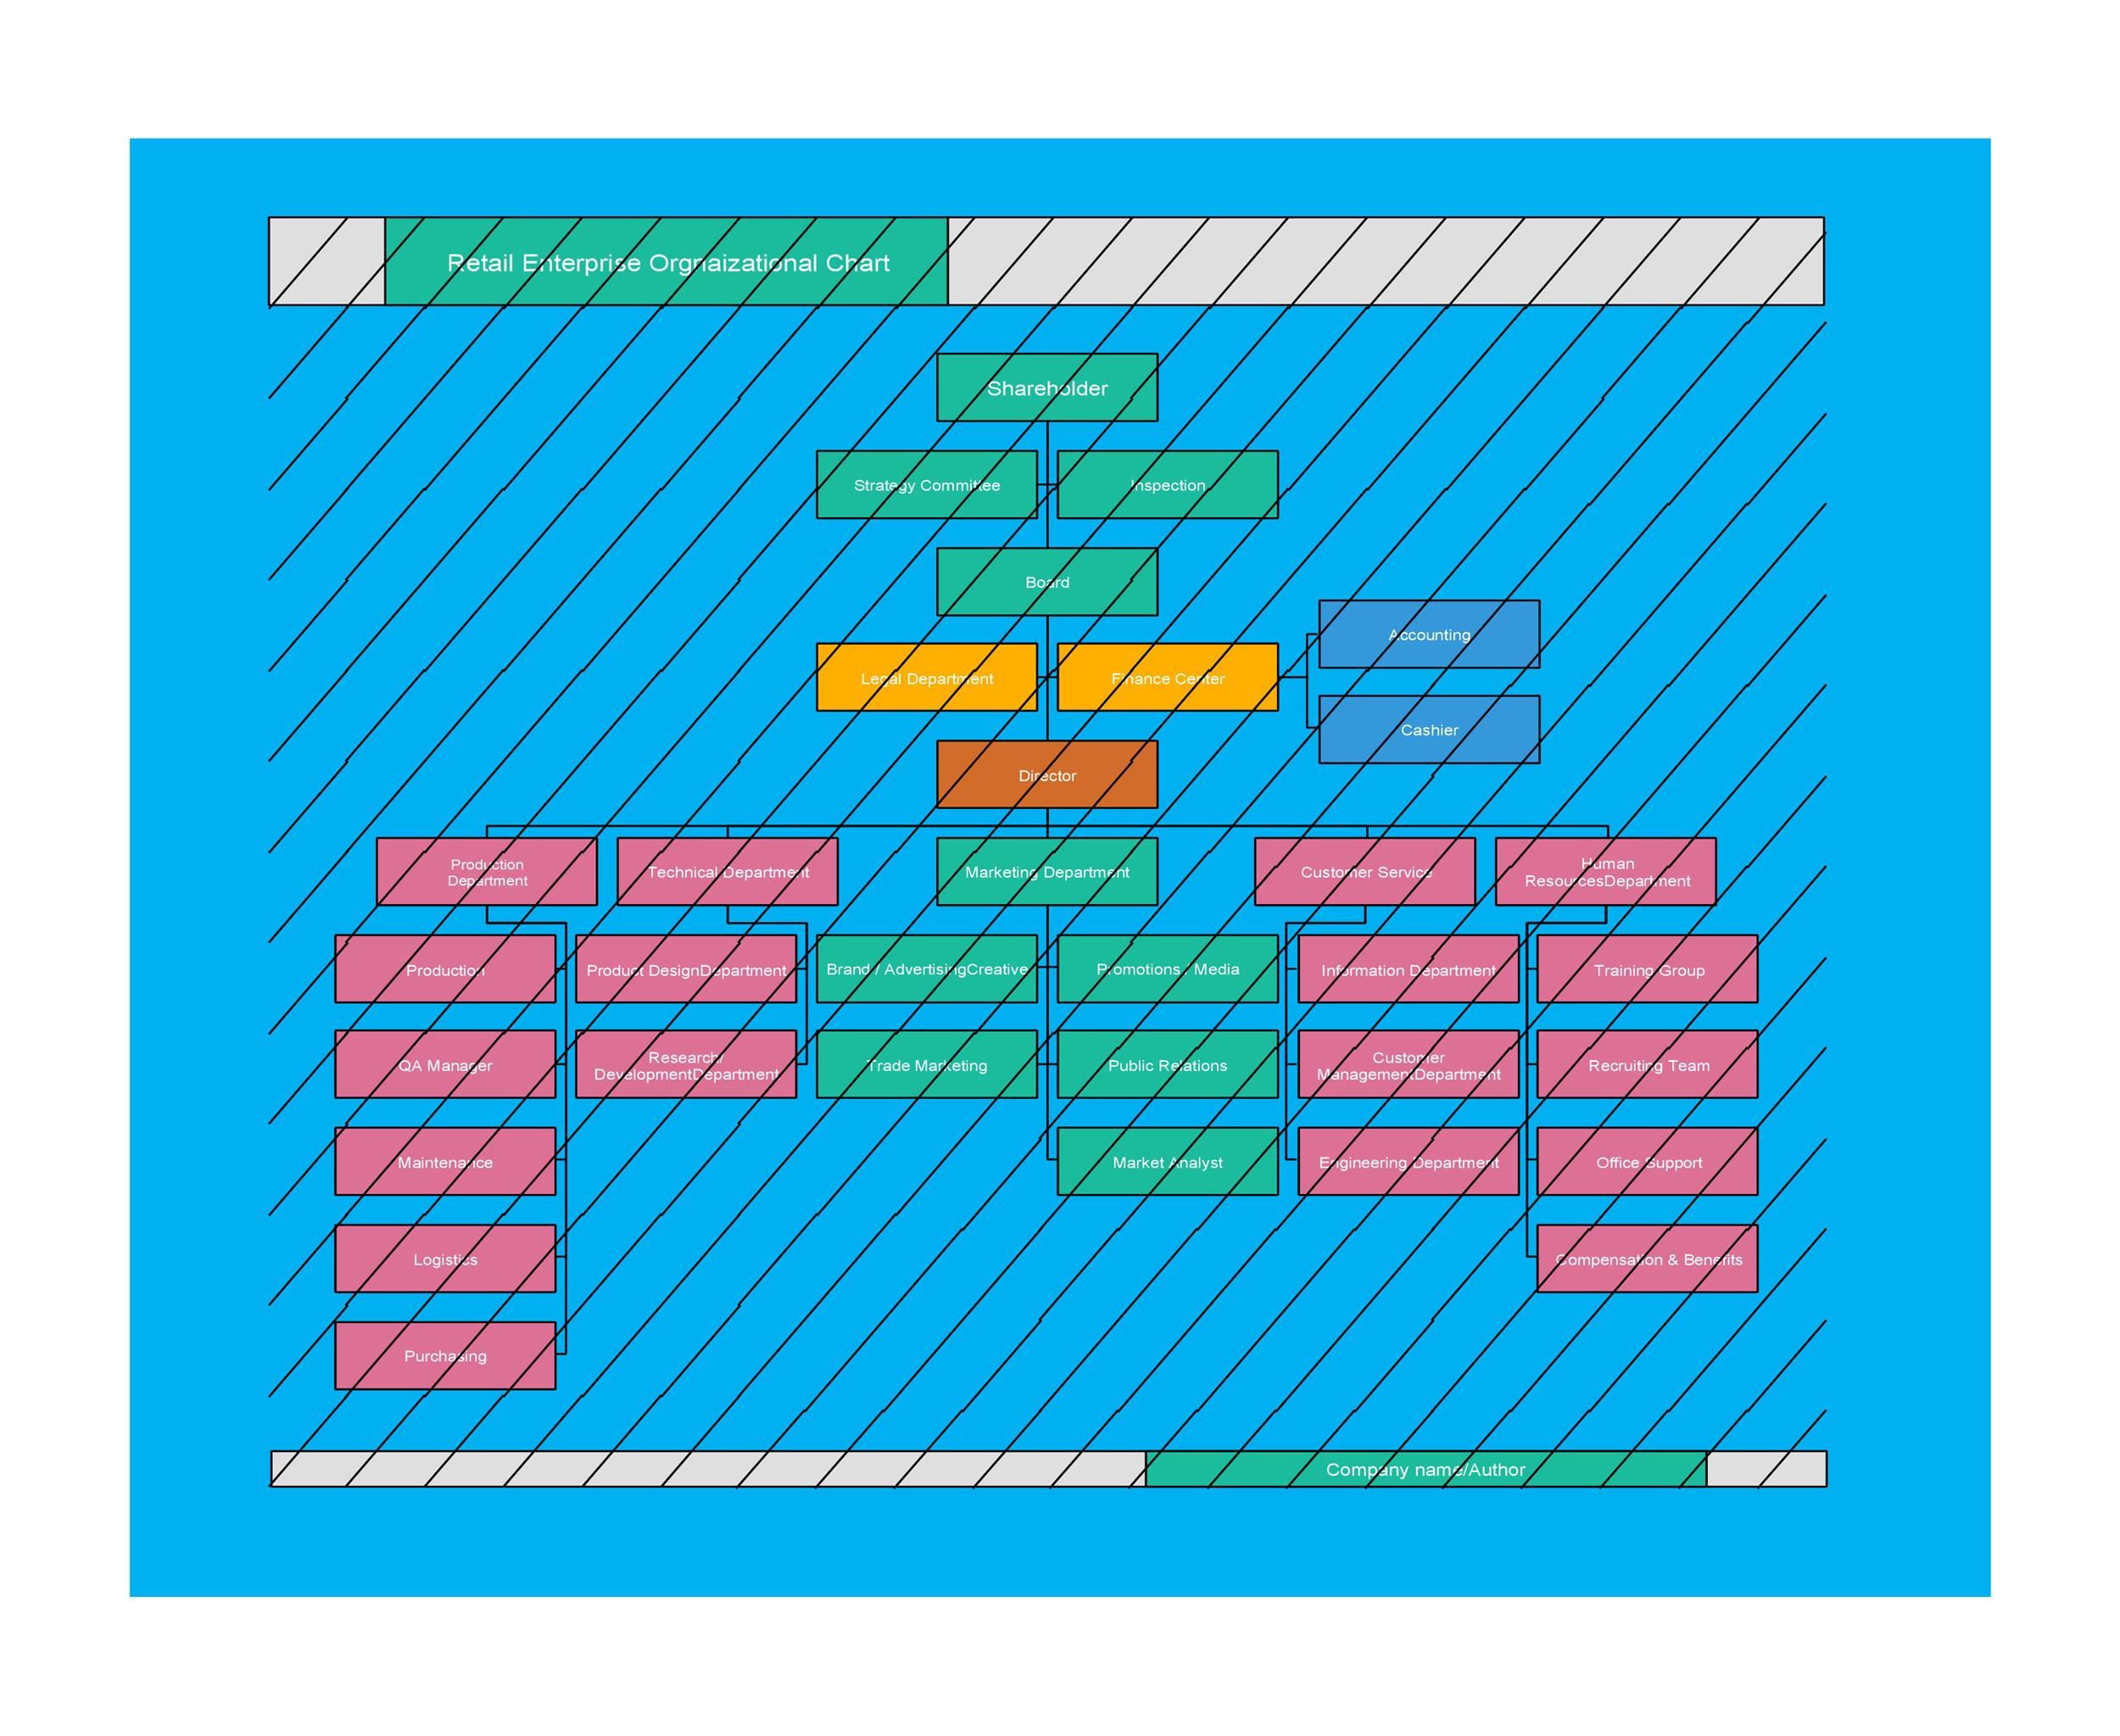 Free Organizational Chart Template 21